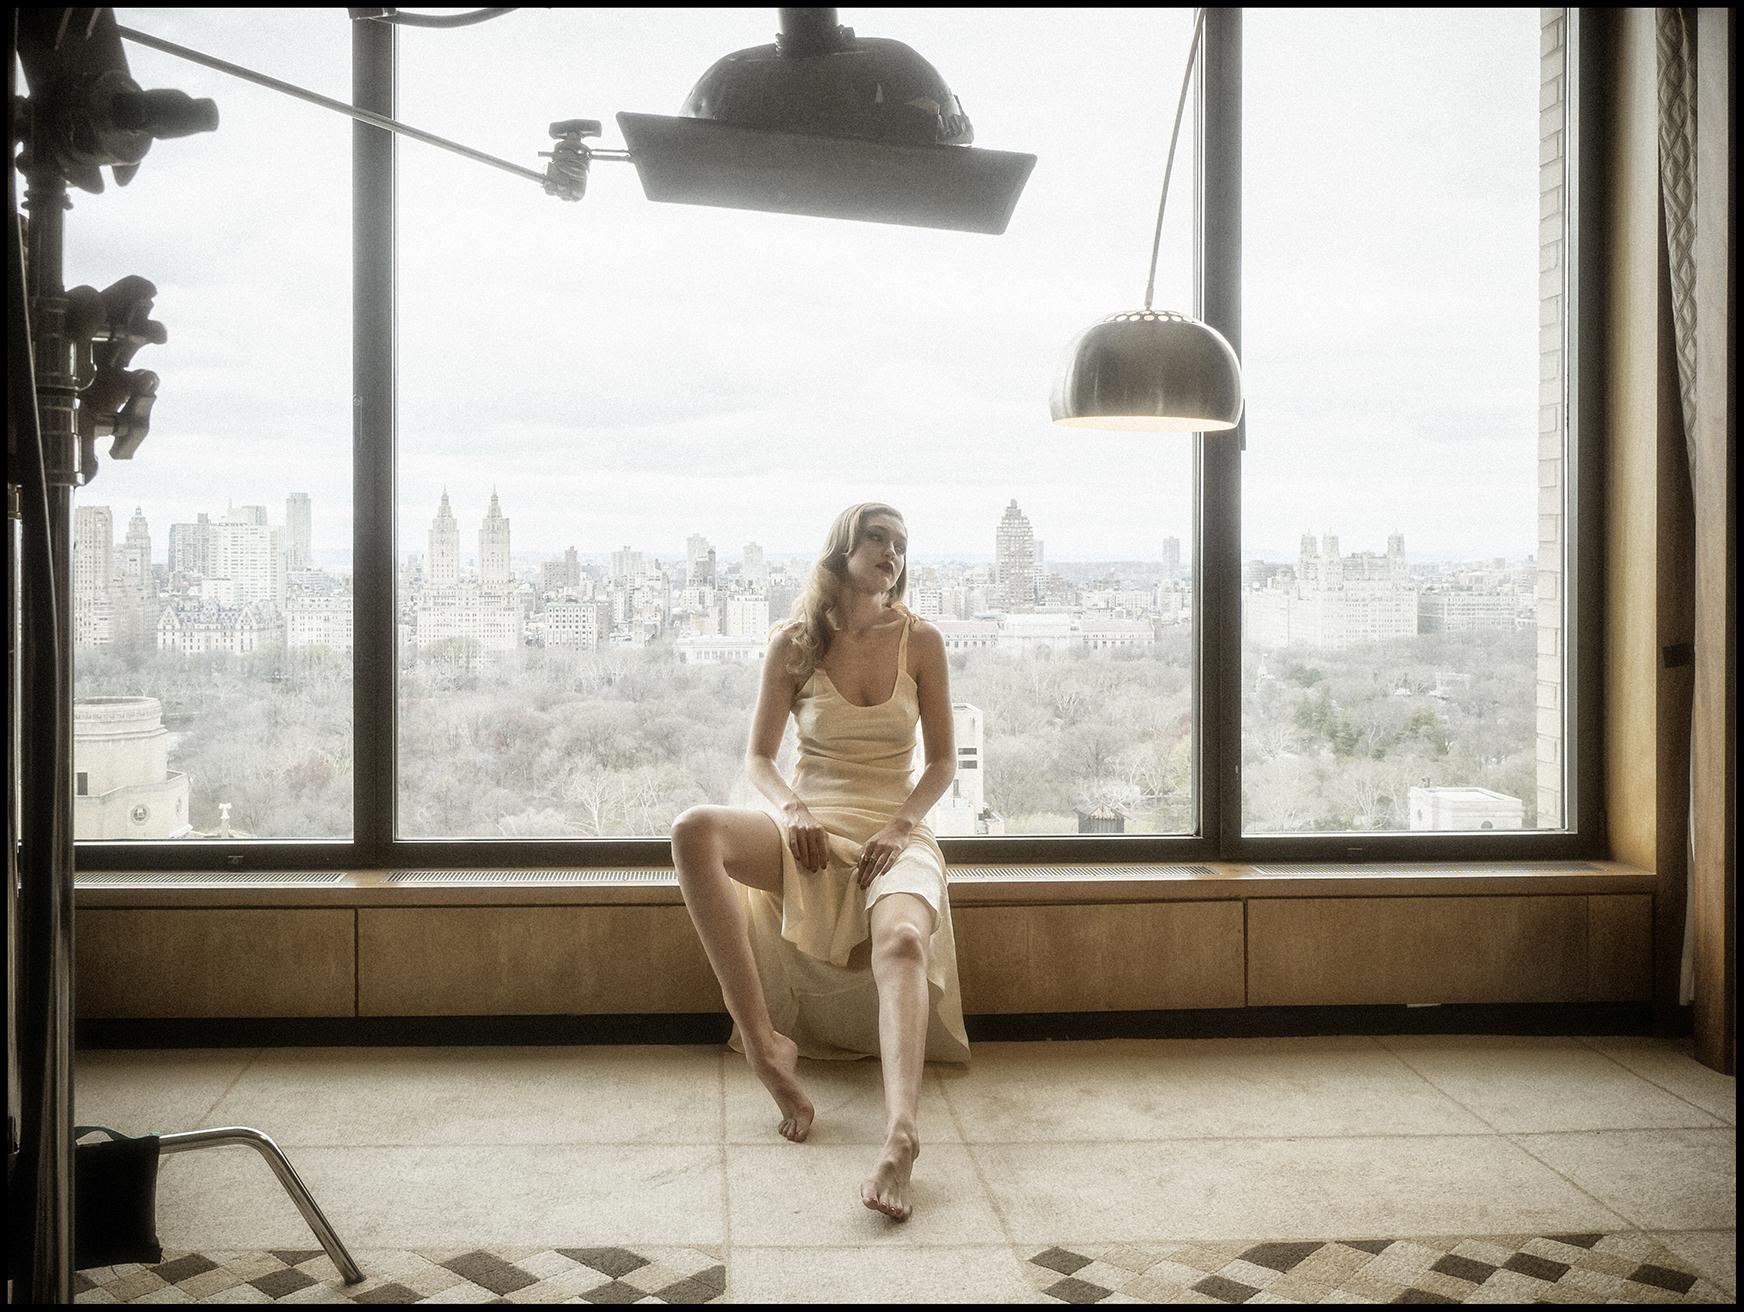 倍耐力2019年历 | 专访超模吉吉·哈迪德与设计师亚历山大王